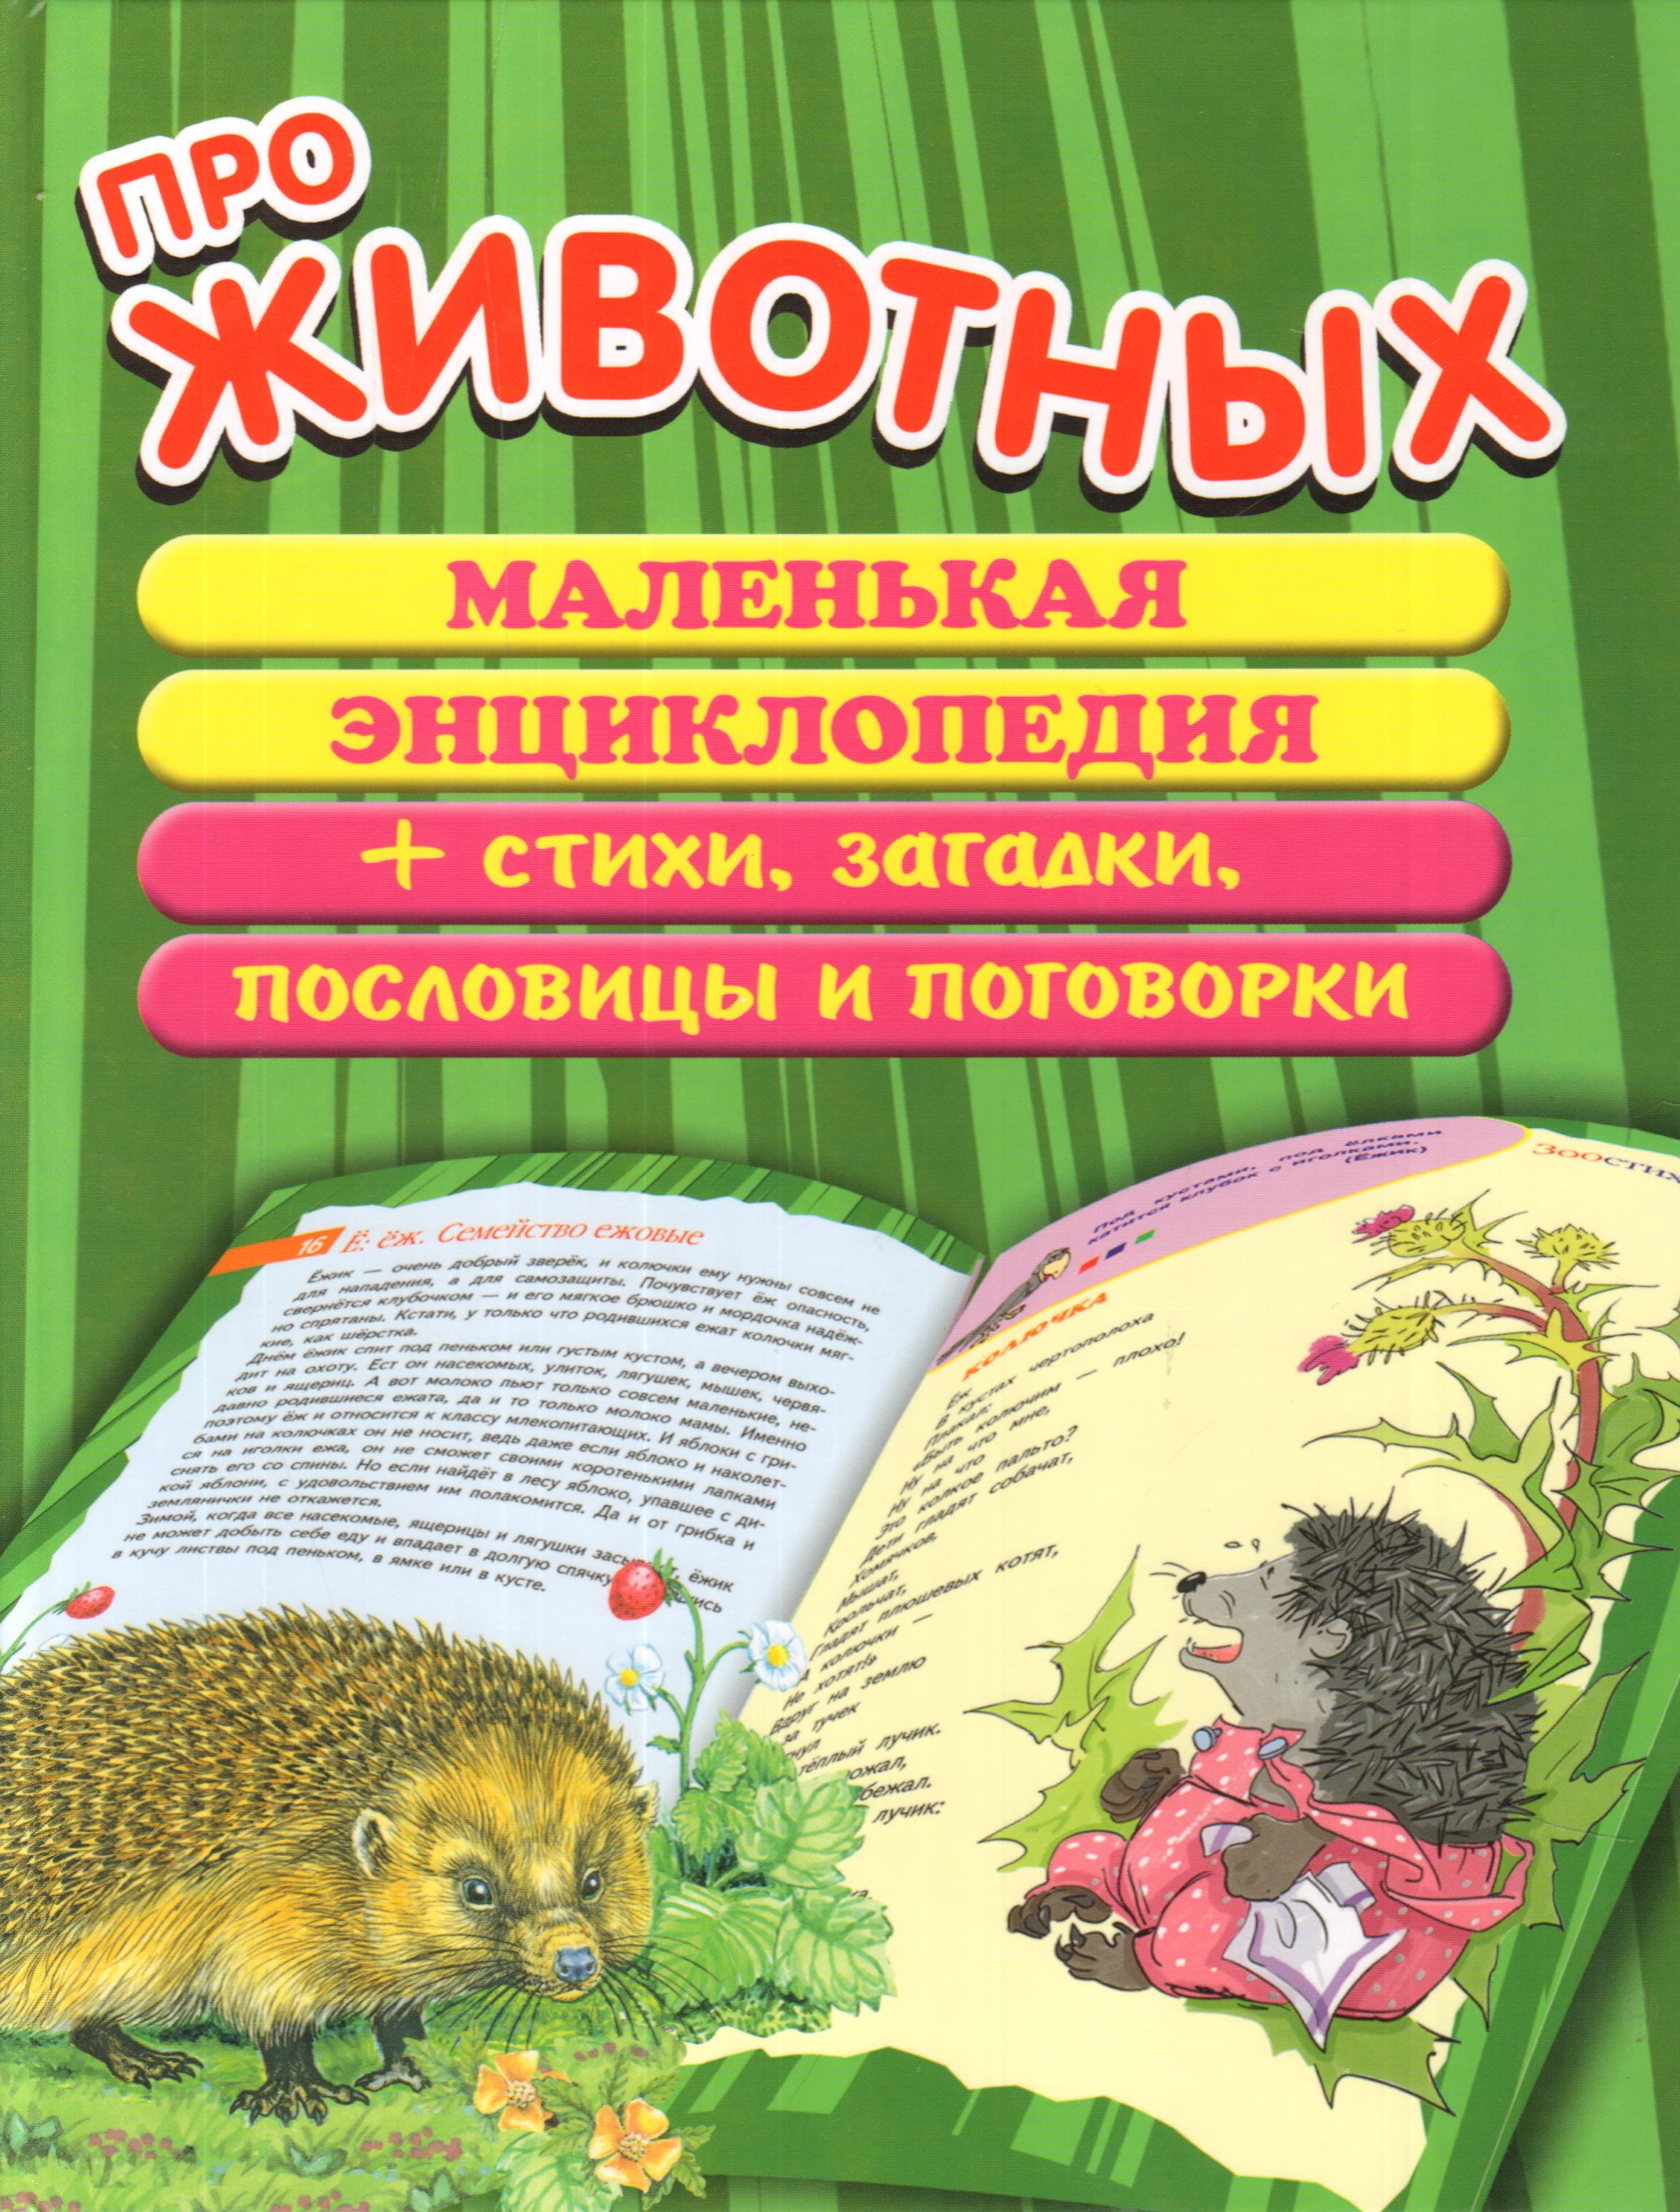 Про животных.Маленькая энциклопедия+стихи,загадки,пословицы